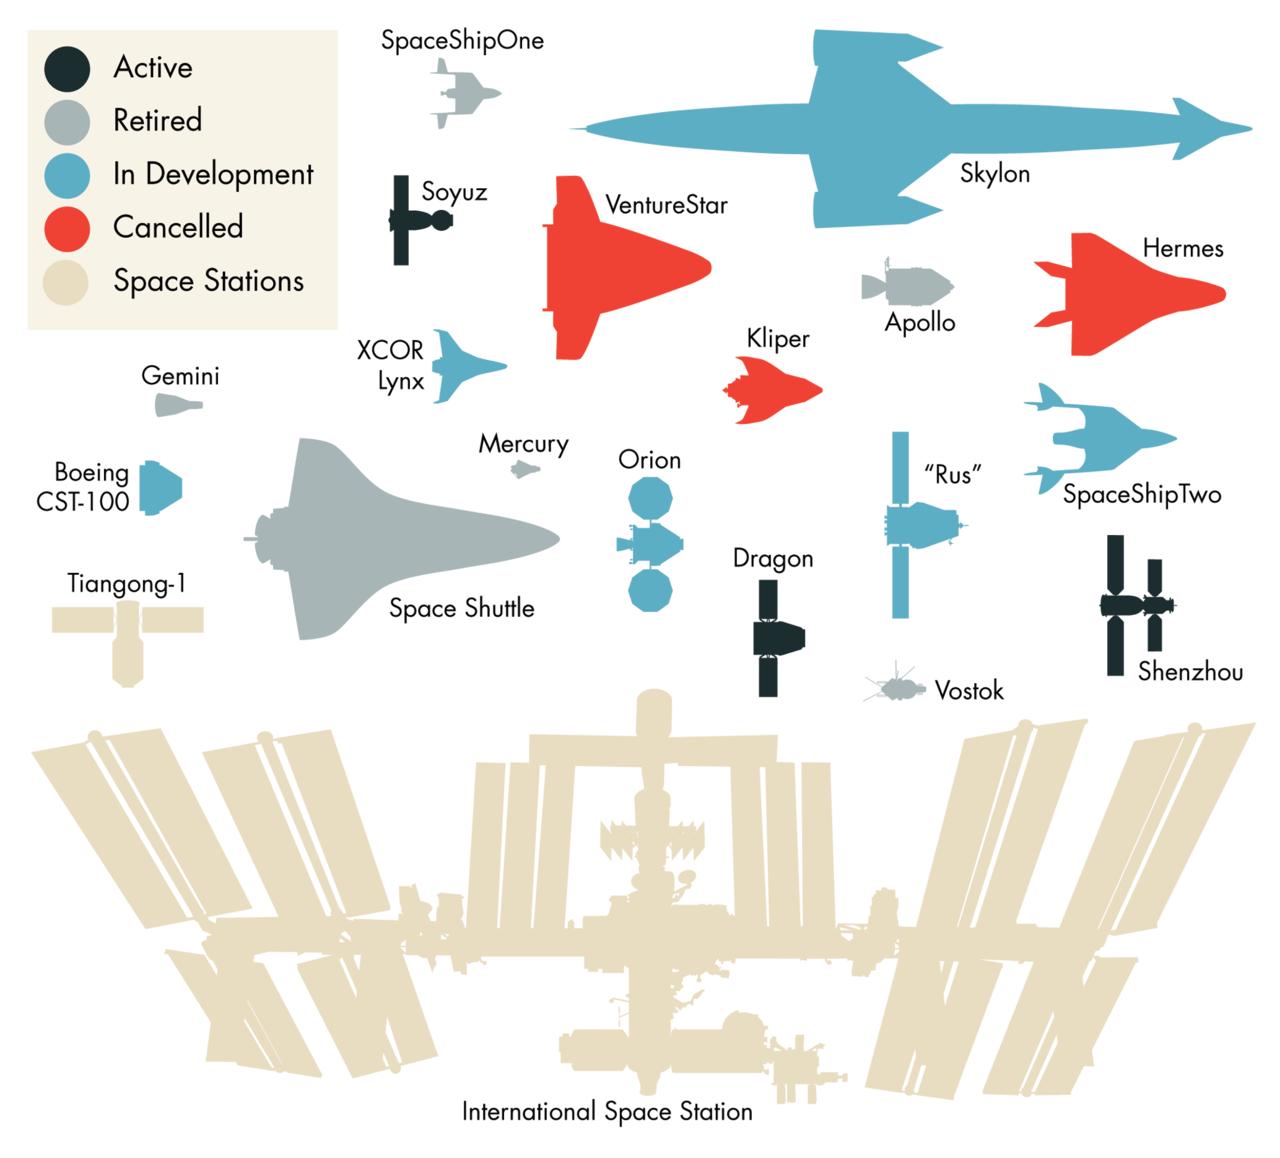 Naves Espaciales Pasadas Presentes Y Futuras A Escala